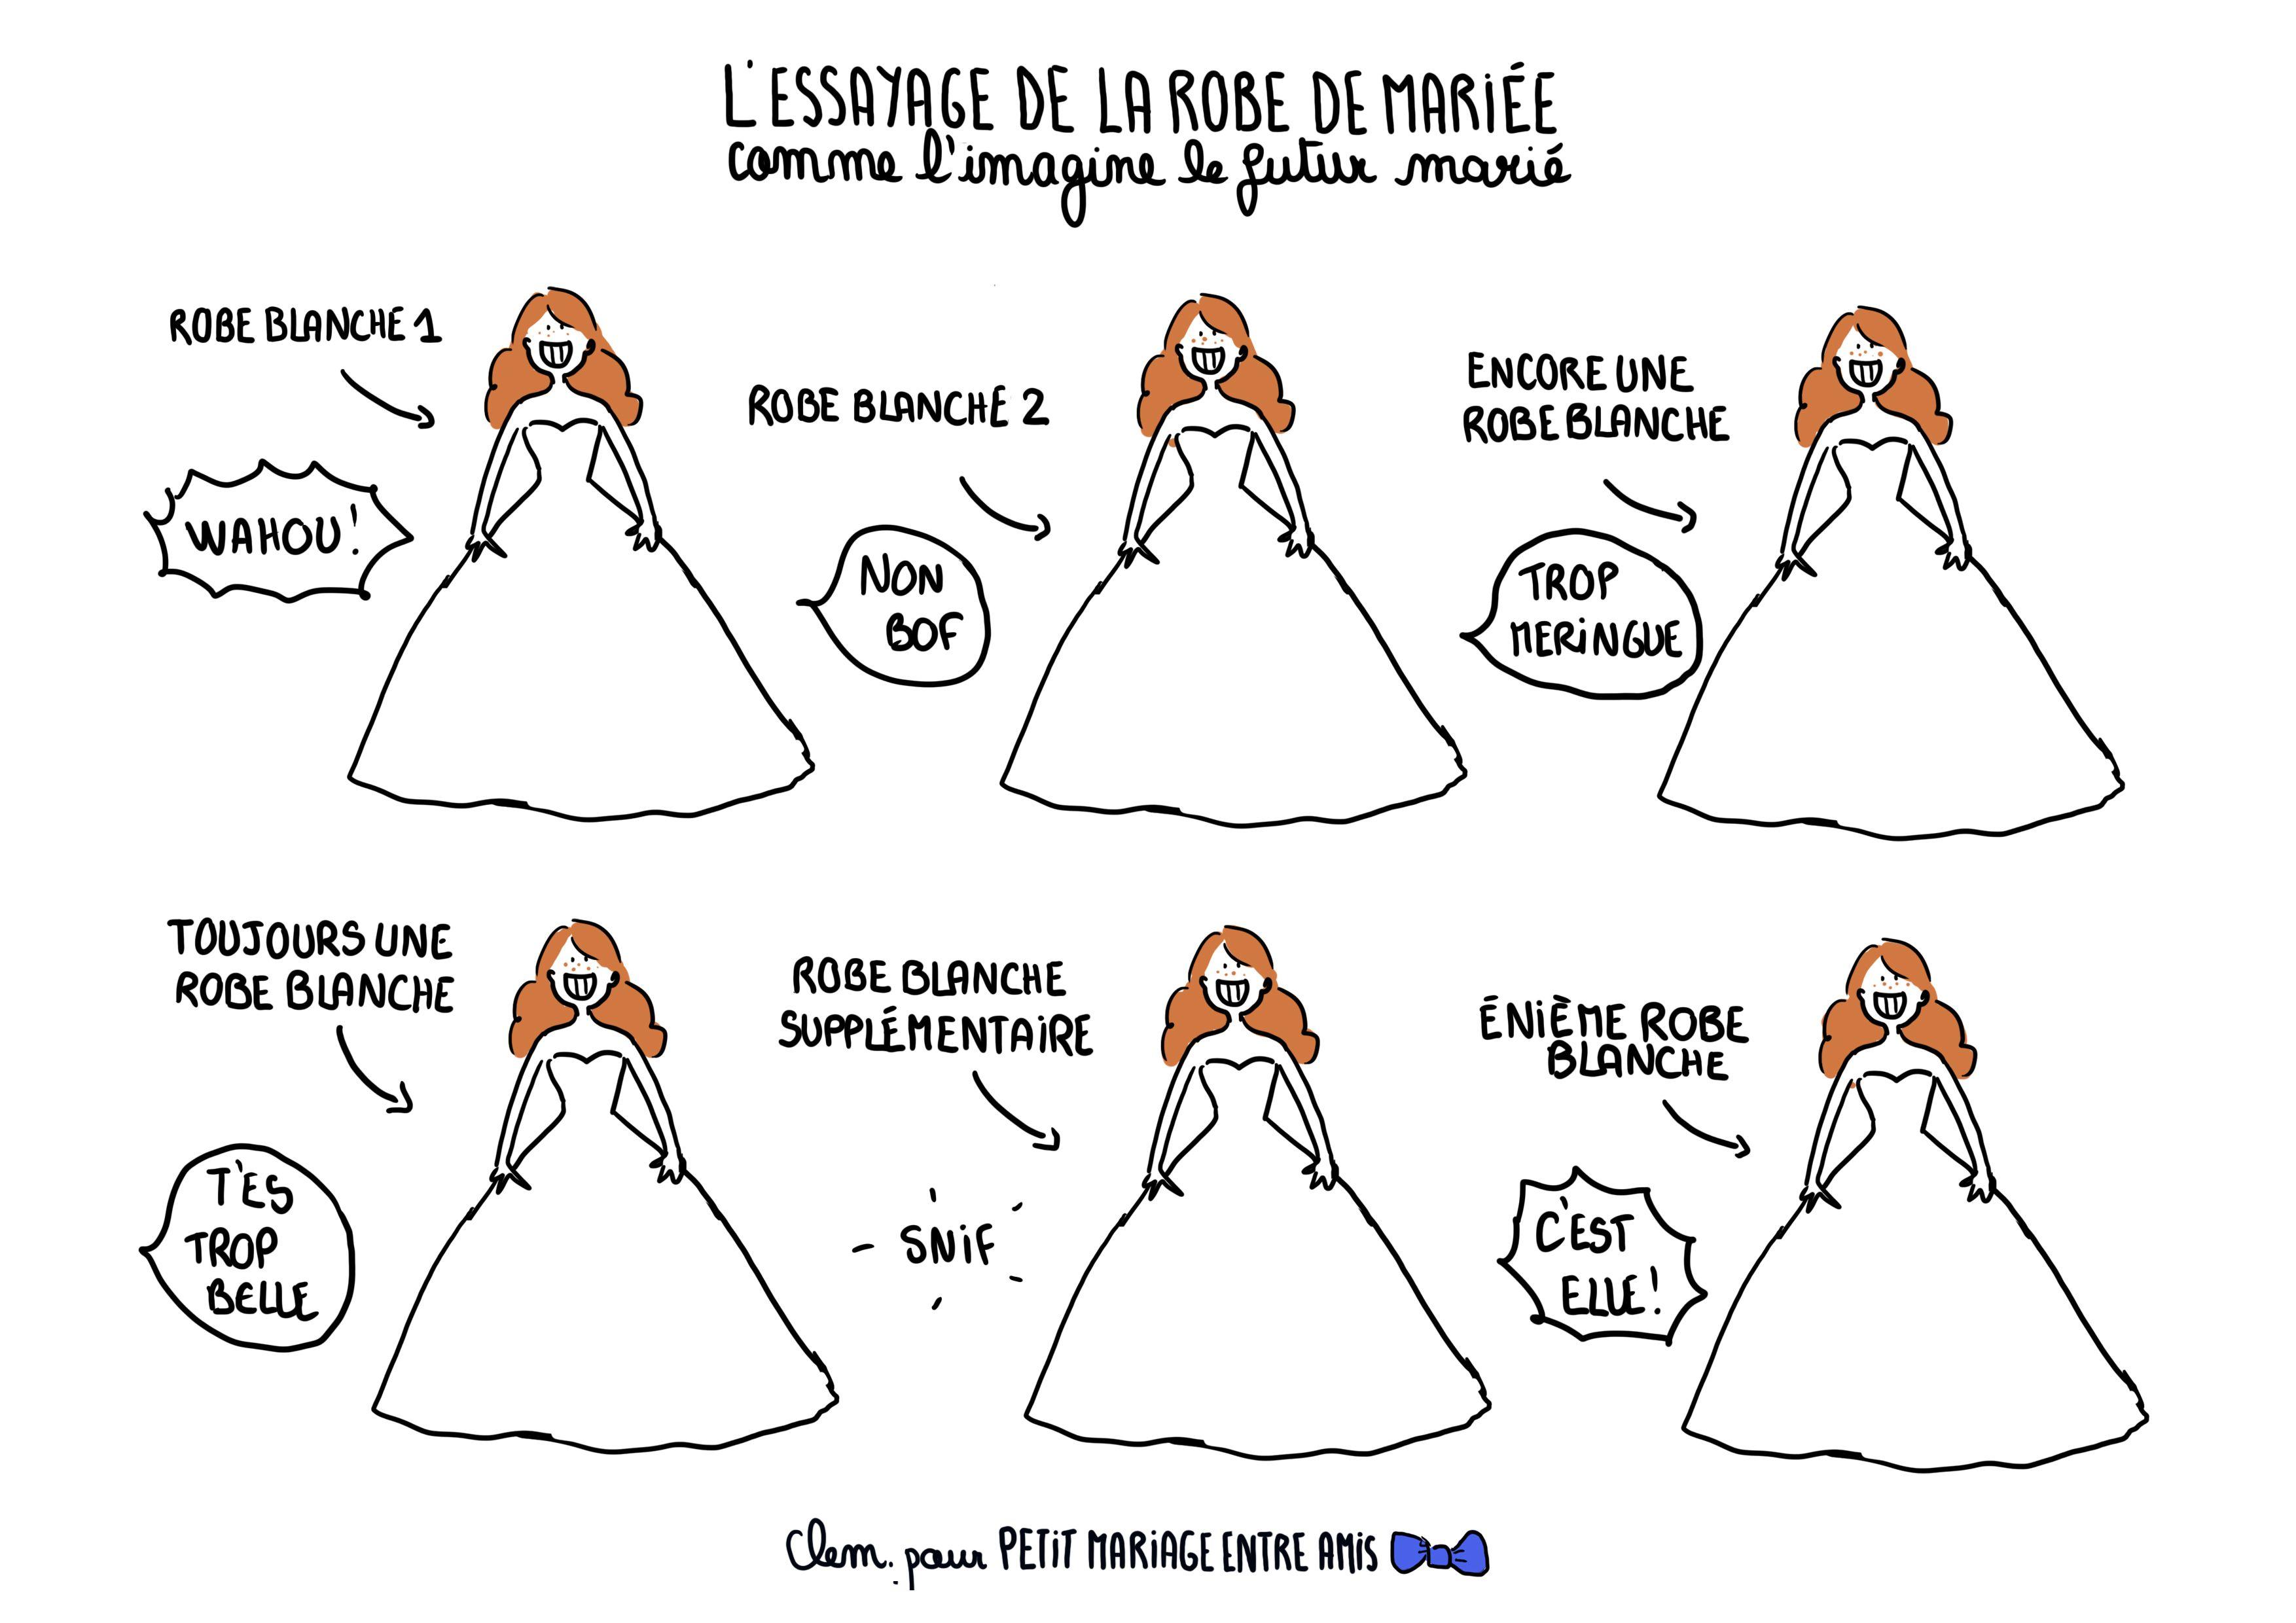 Par De Mariée Marié Futur Essayages Robe Vus Les Le La n0w8ONPXk